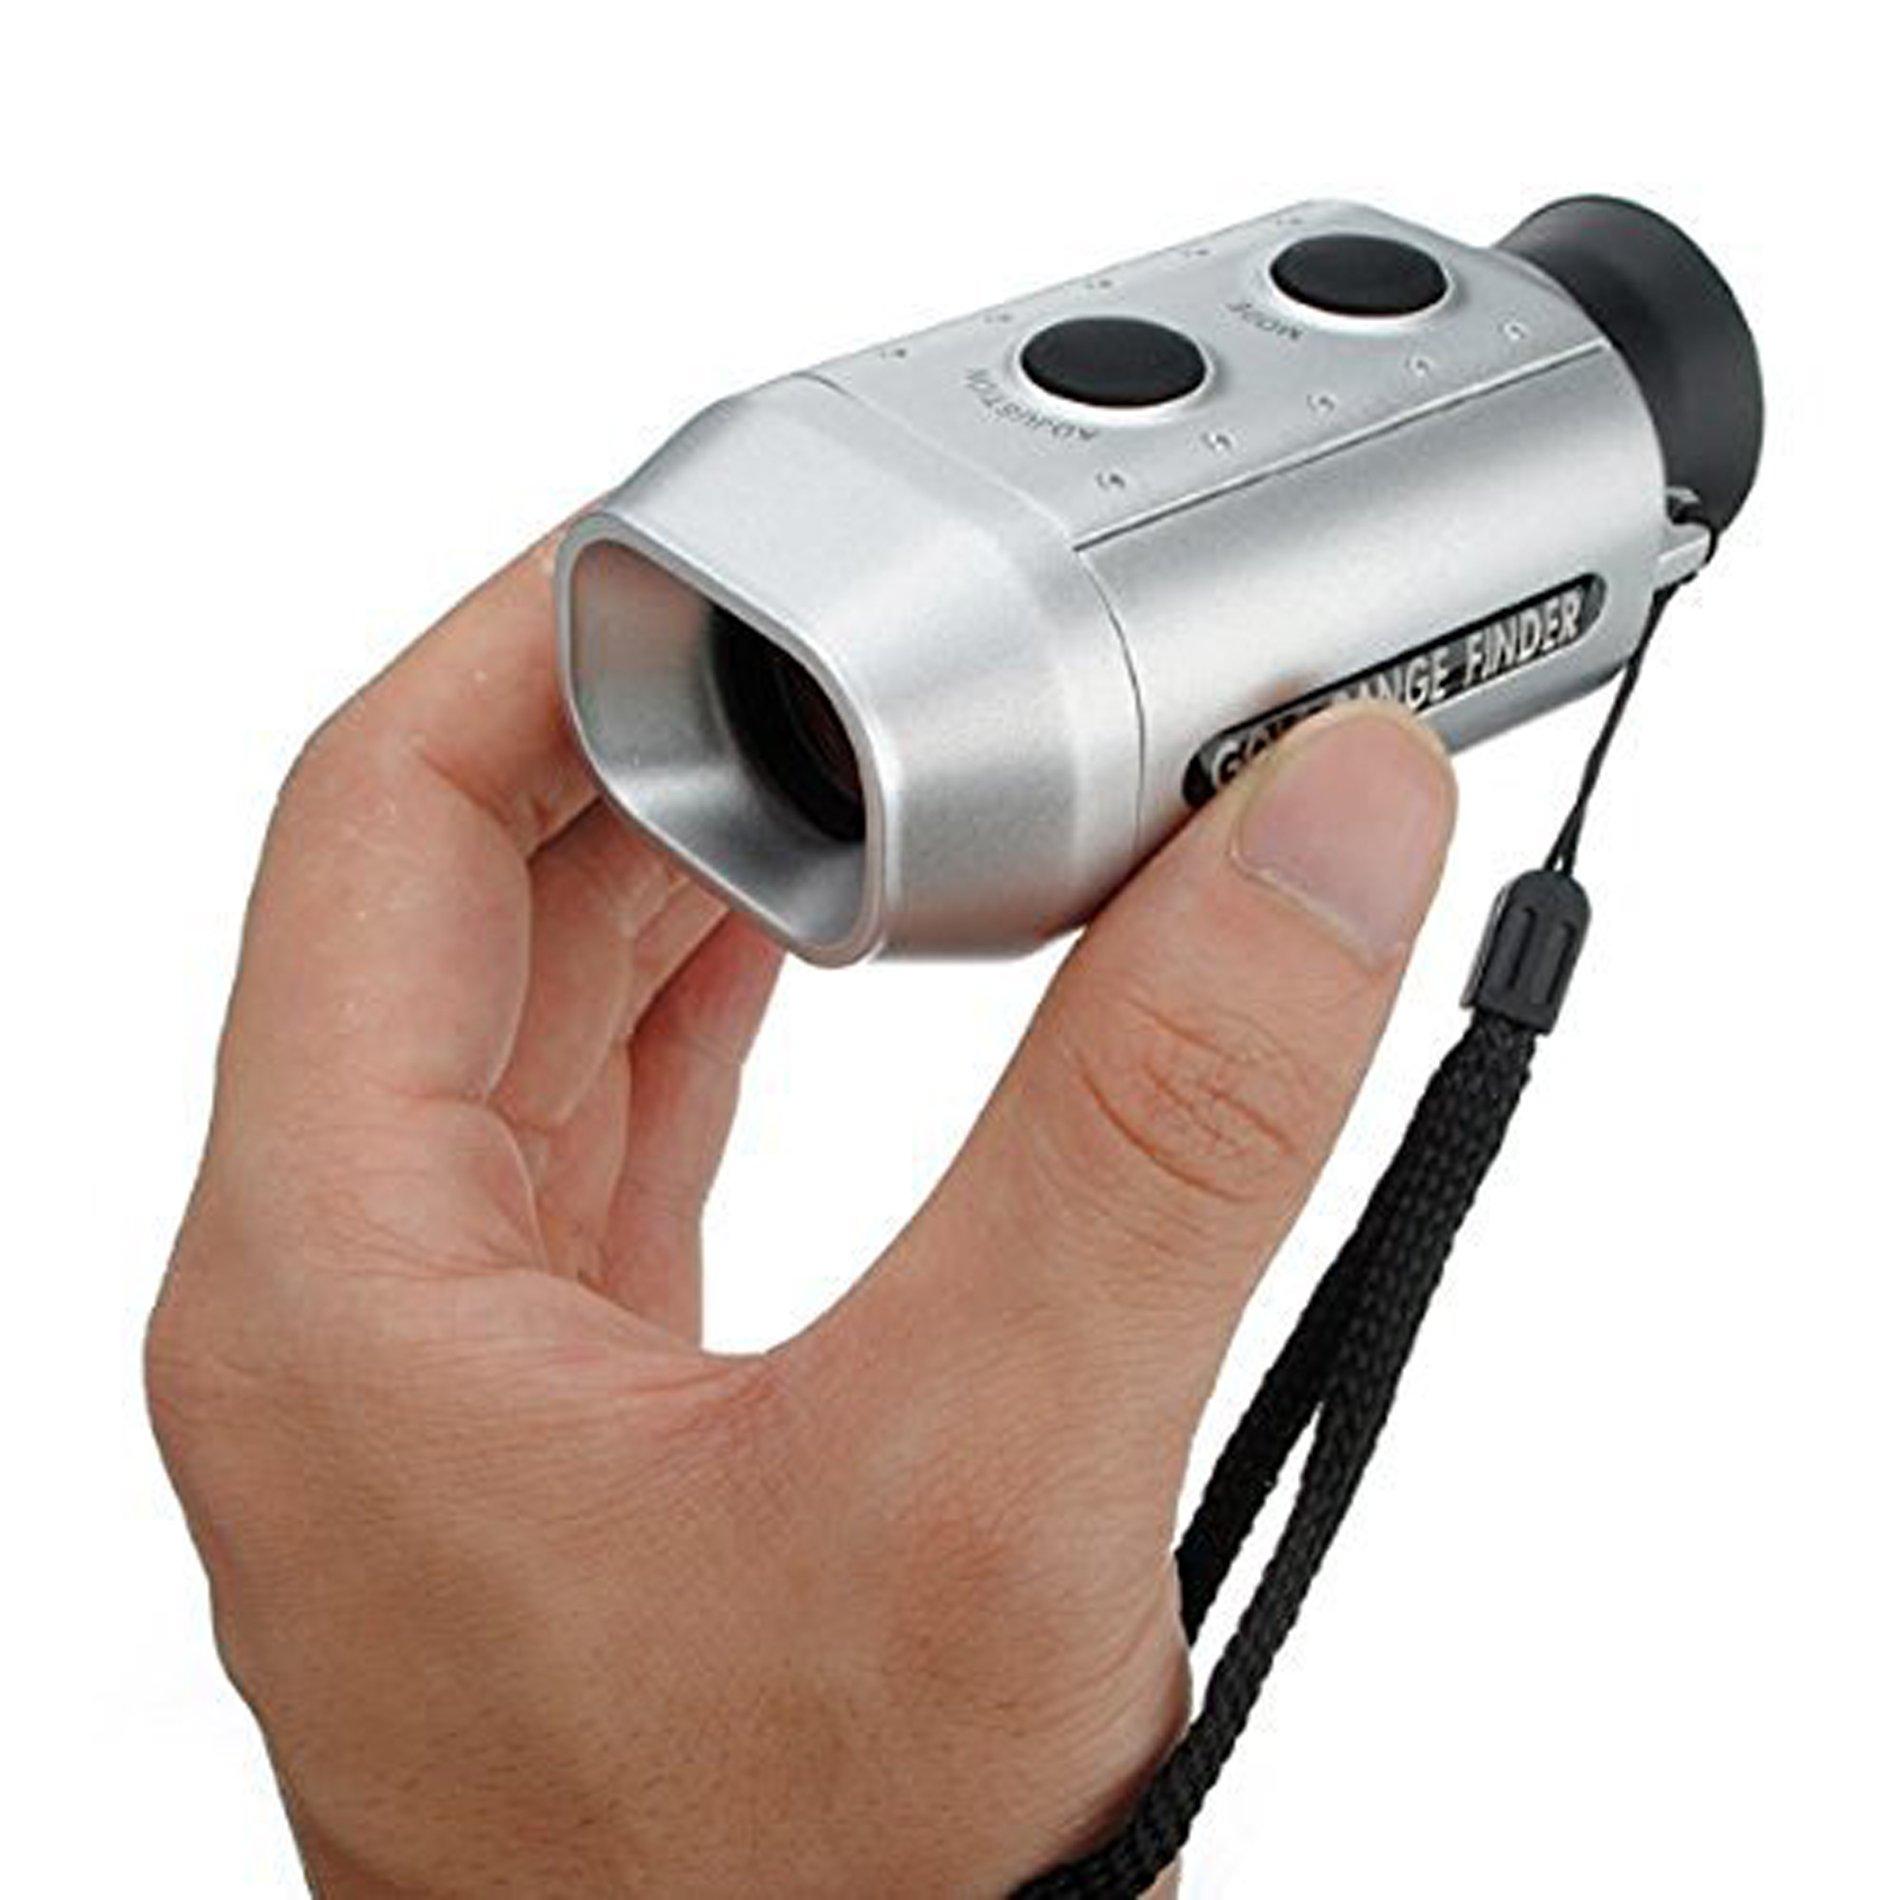 POSMA GF200 Golf Rangefinder Scope Digital Pocket 7x Zoom Golf Range Finder Magnification Distance Measurer by IDS Home (Image #6)